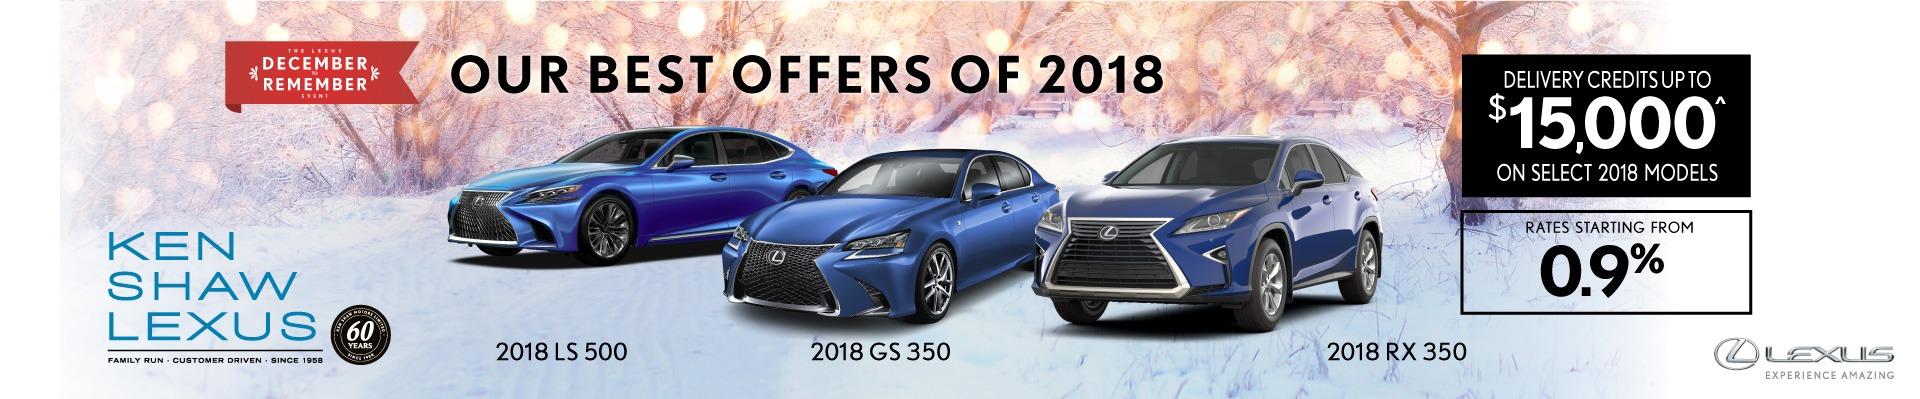 2018 Lexus vehicle offers in Toronto Ontario Toronto Lexus Dealer